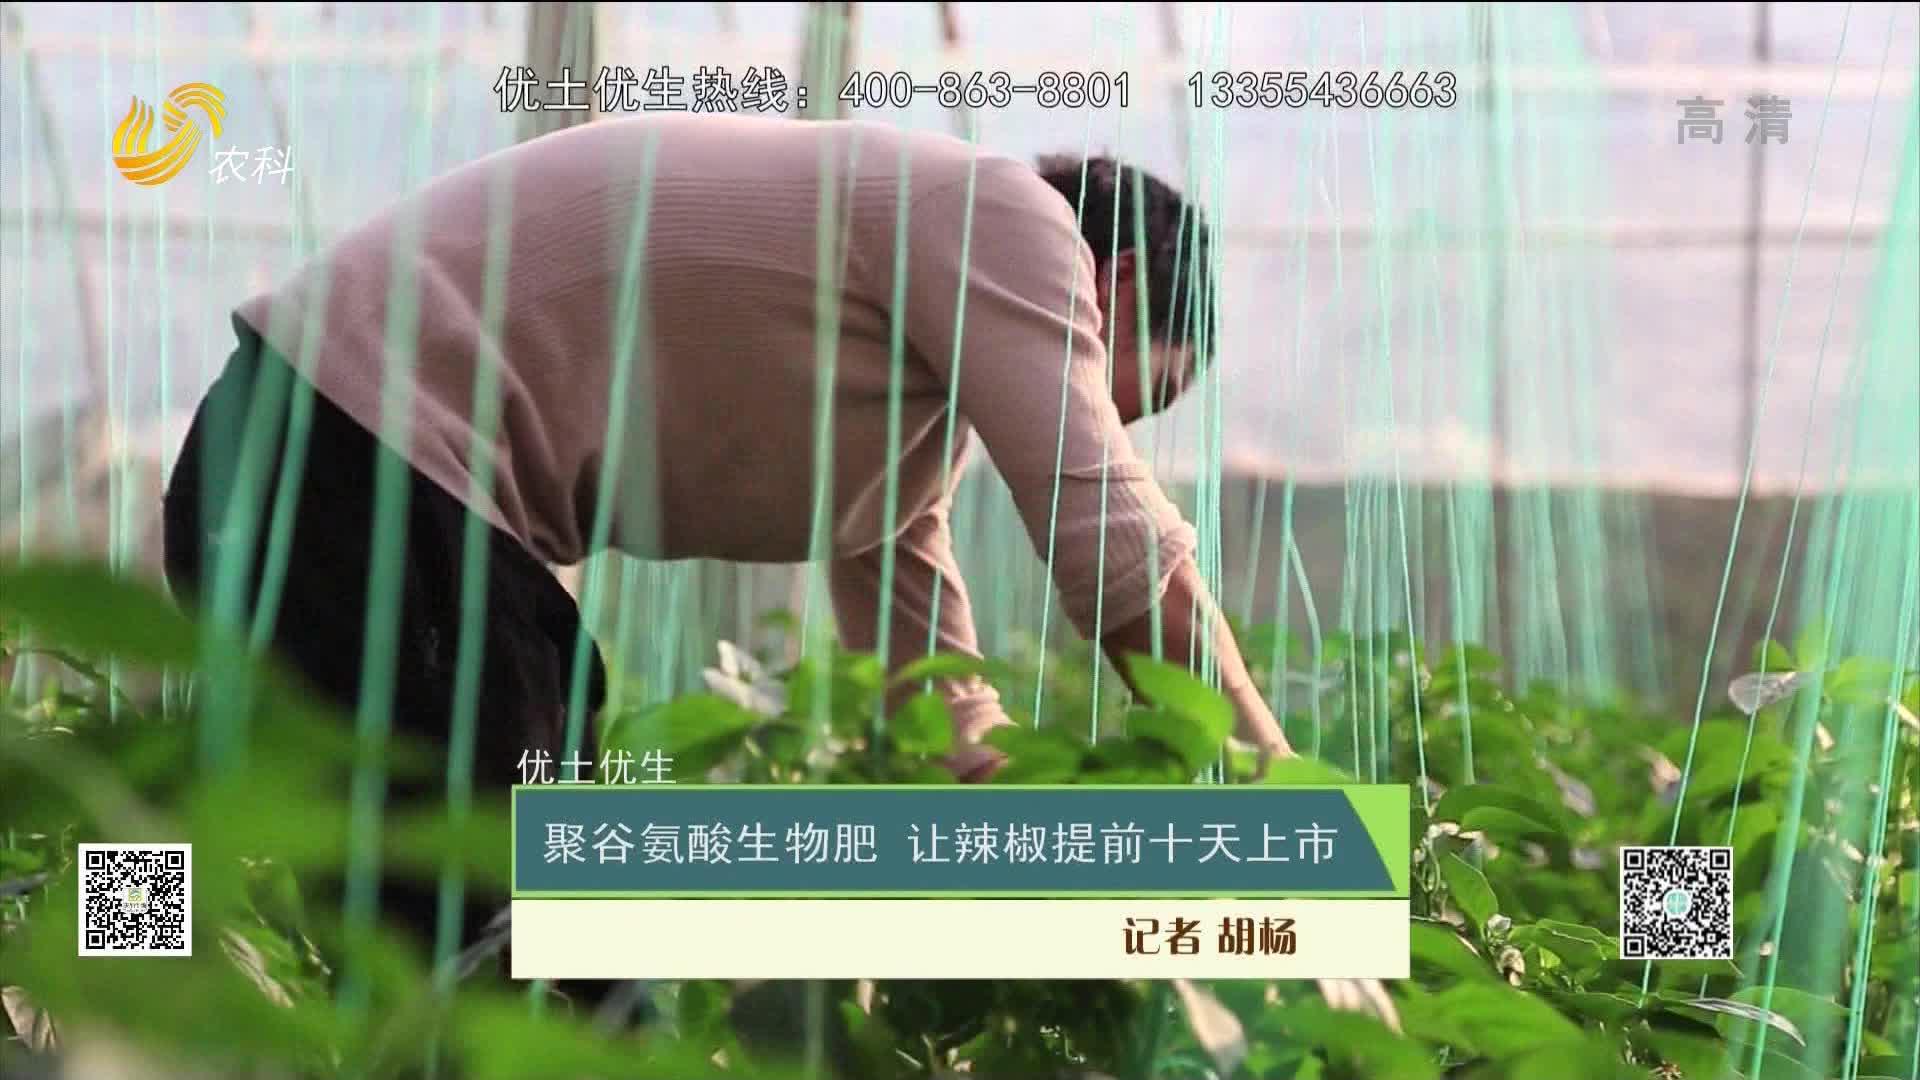 【优土优生】聚谷氨酸生物肥 让辣椒提前十天上市